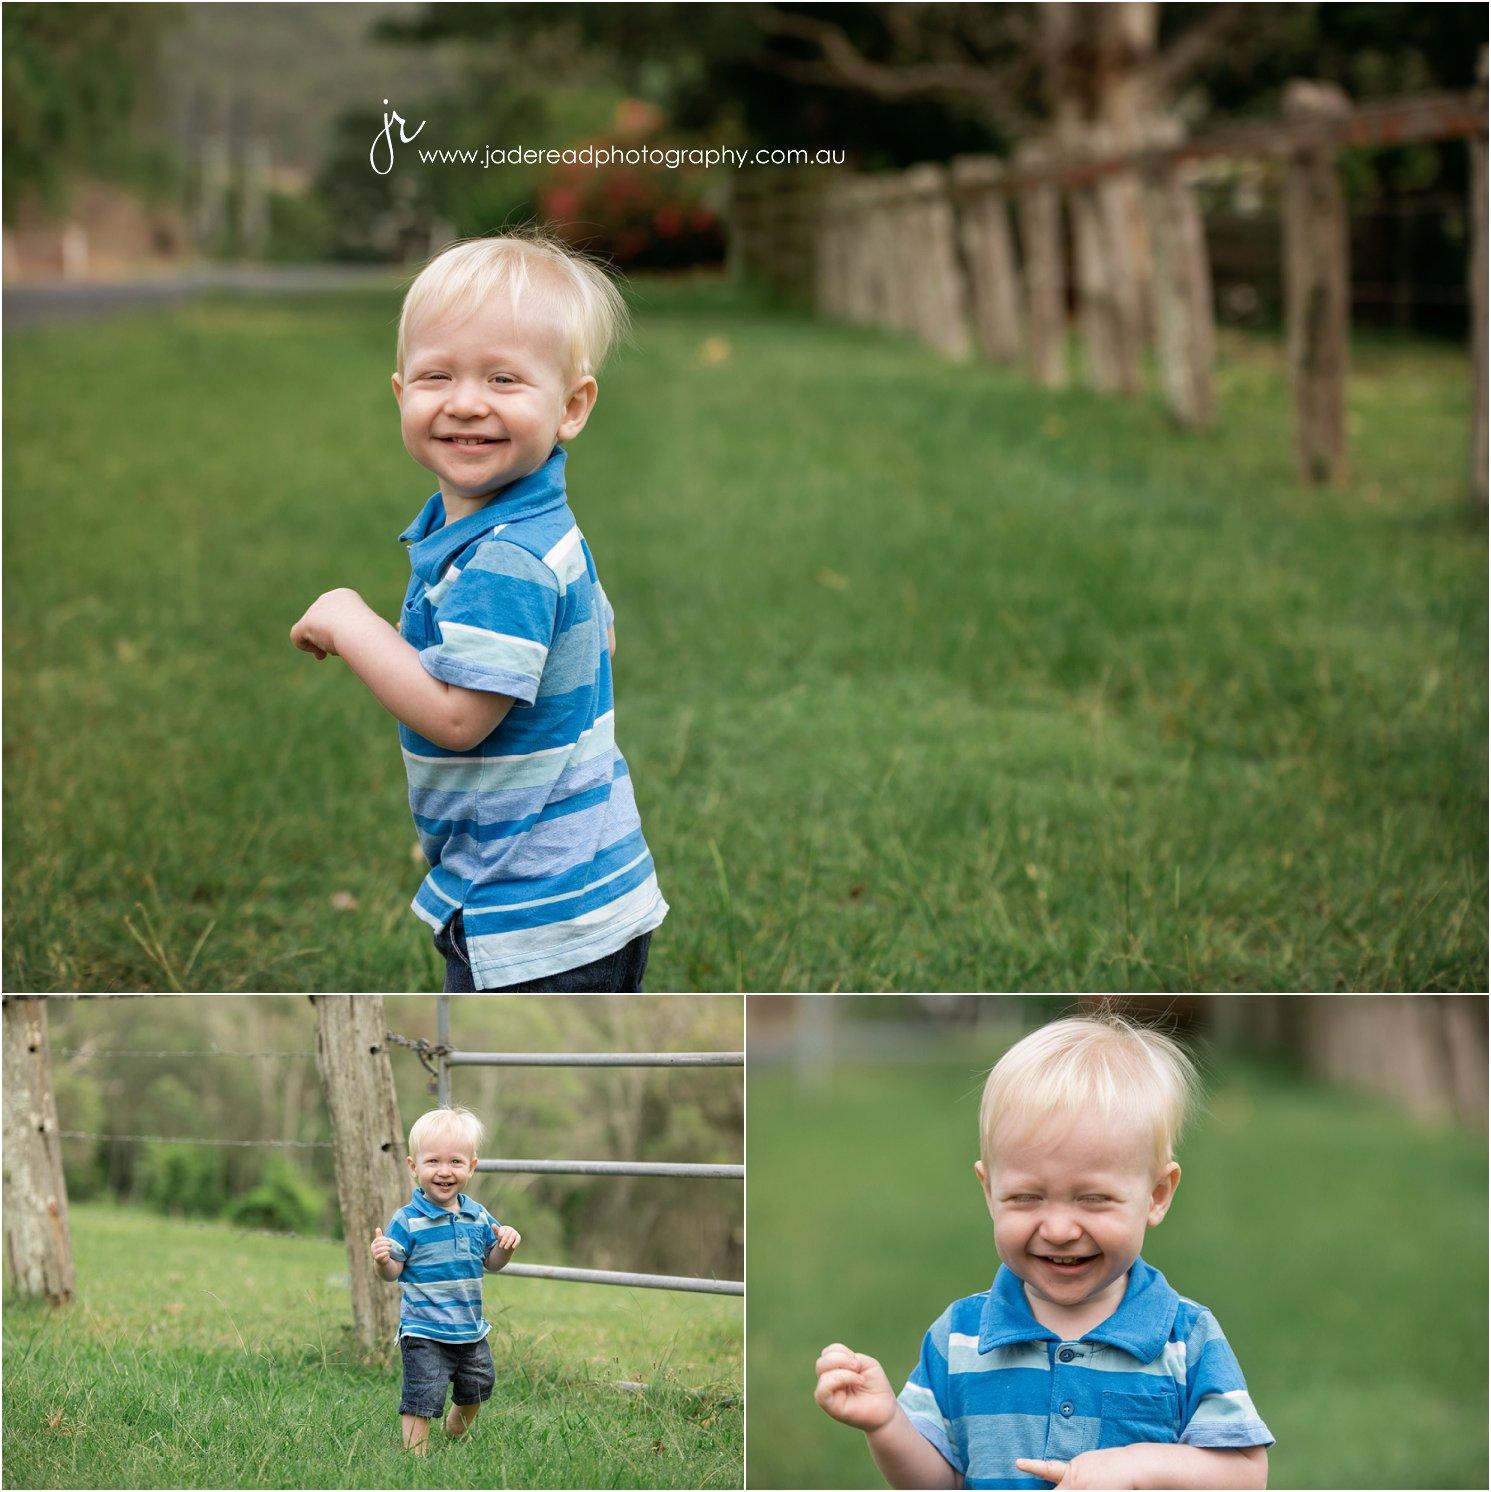 gold coast family photography family photos family photographer jade read photography